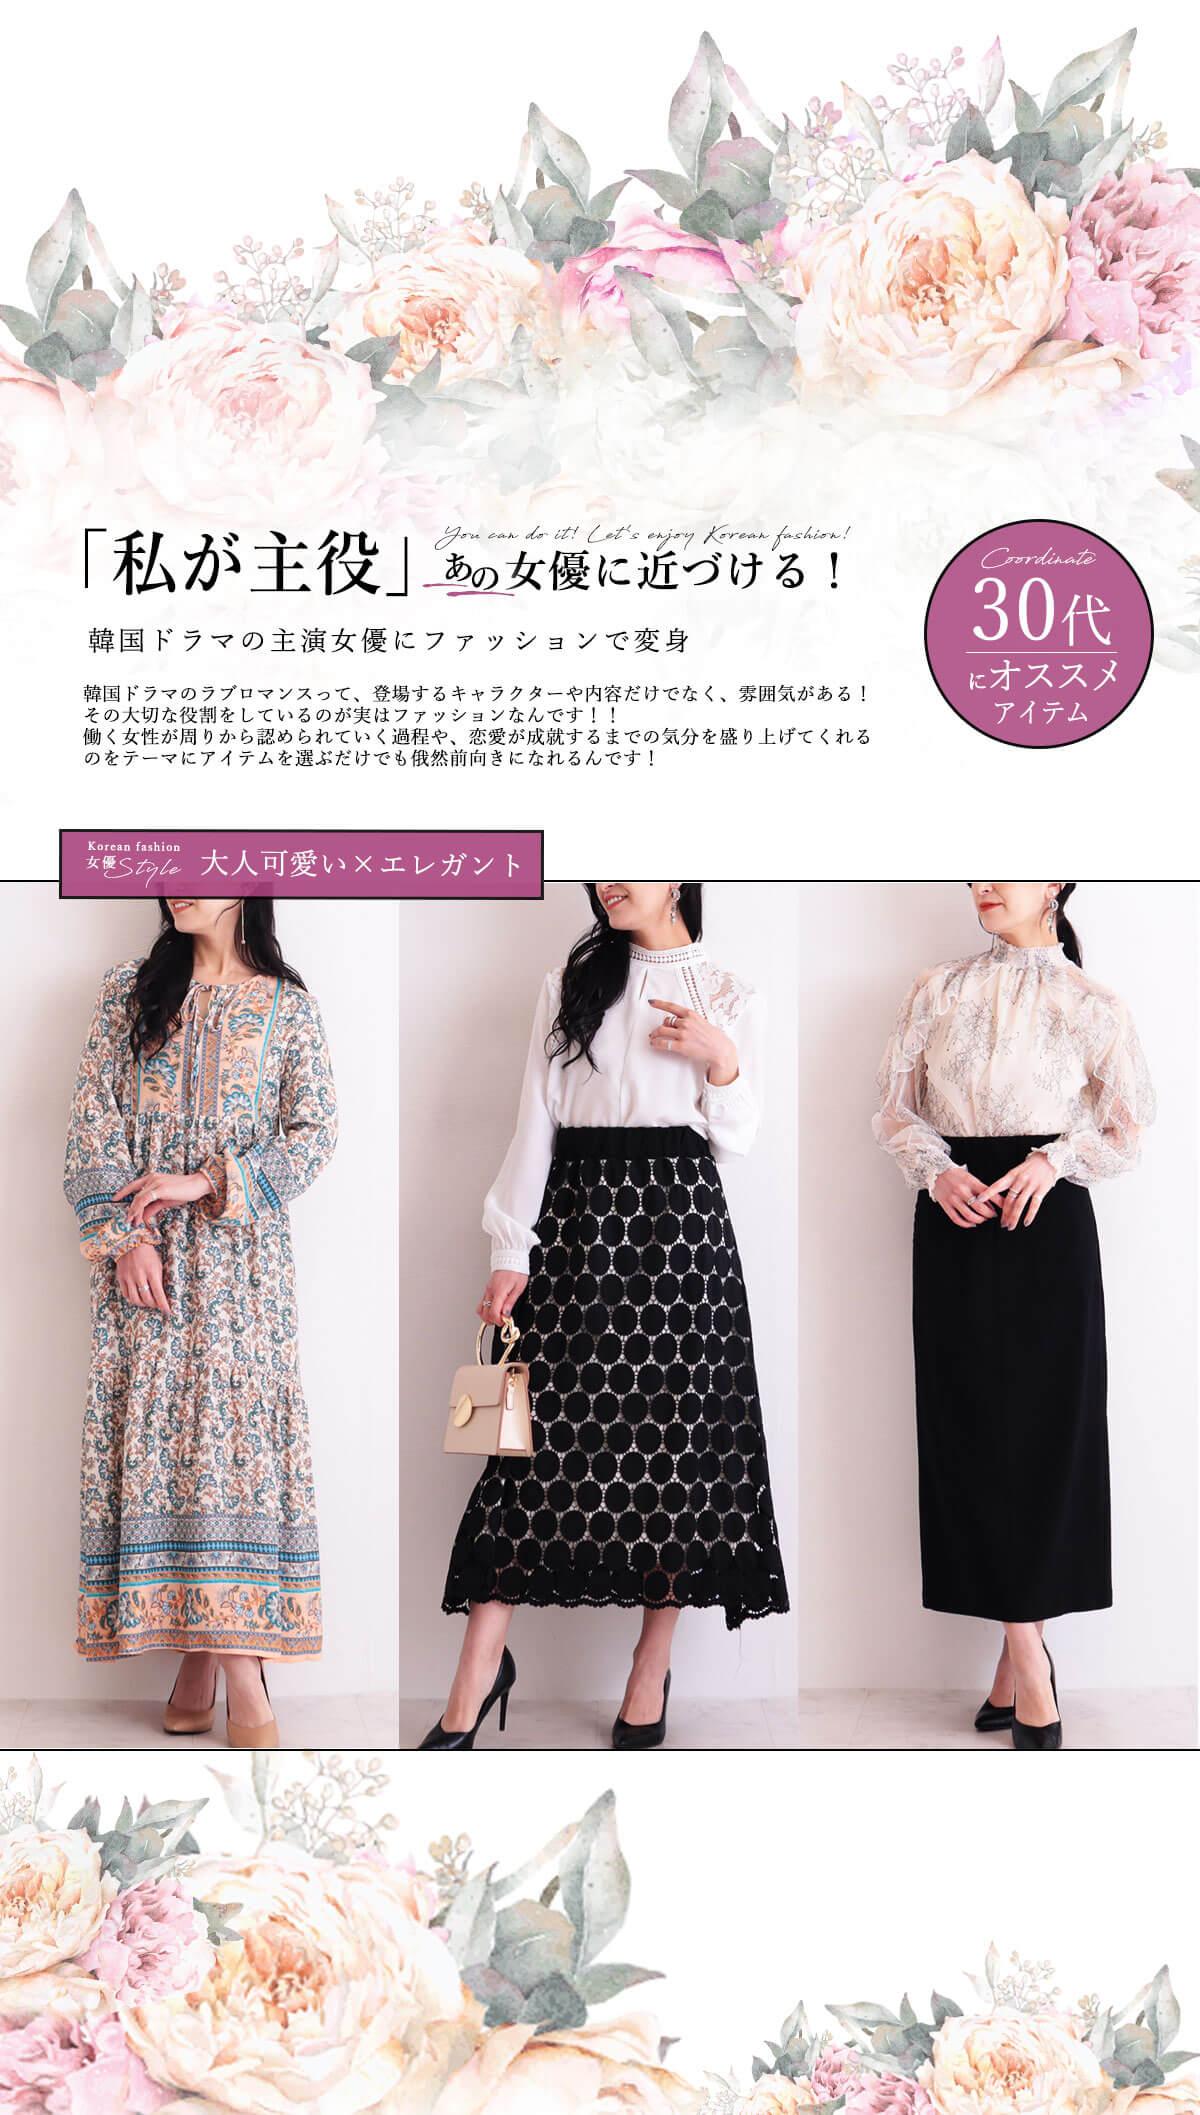 30代におすすめ大人の韓国ファッションコーデ